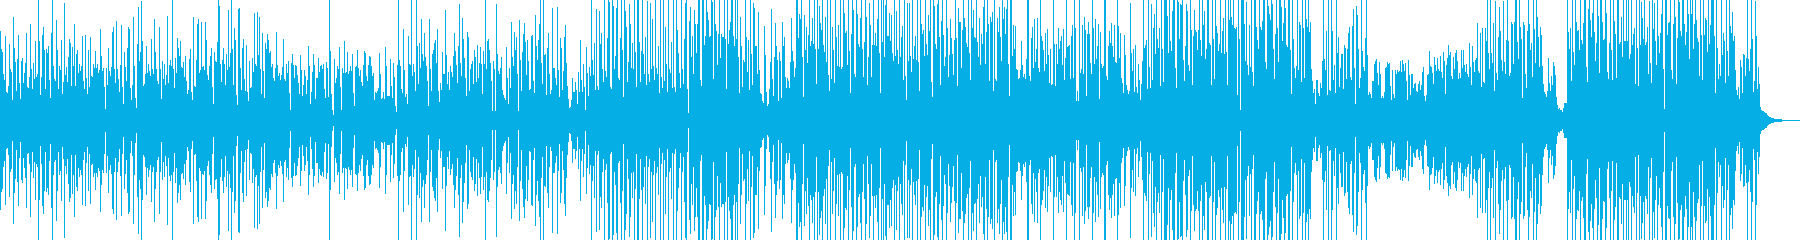 ウクレレ・和む雰囲気 後半打楽器・長尺の再生済みの波形